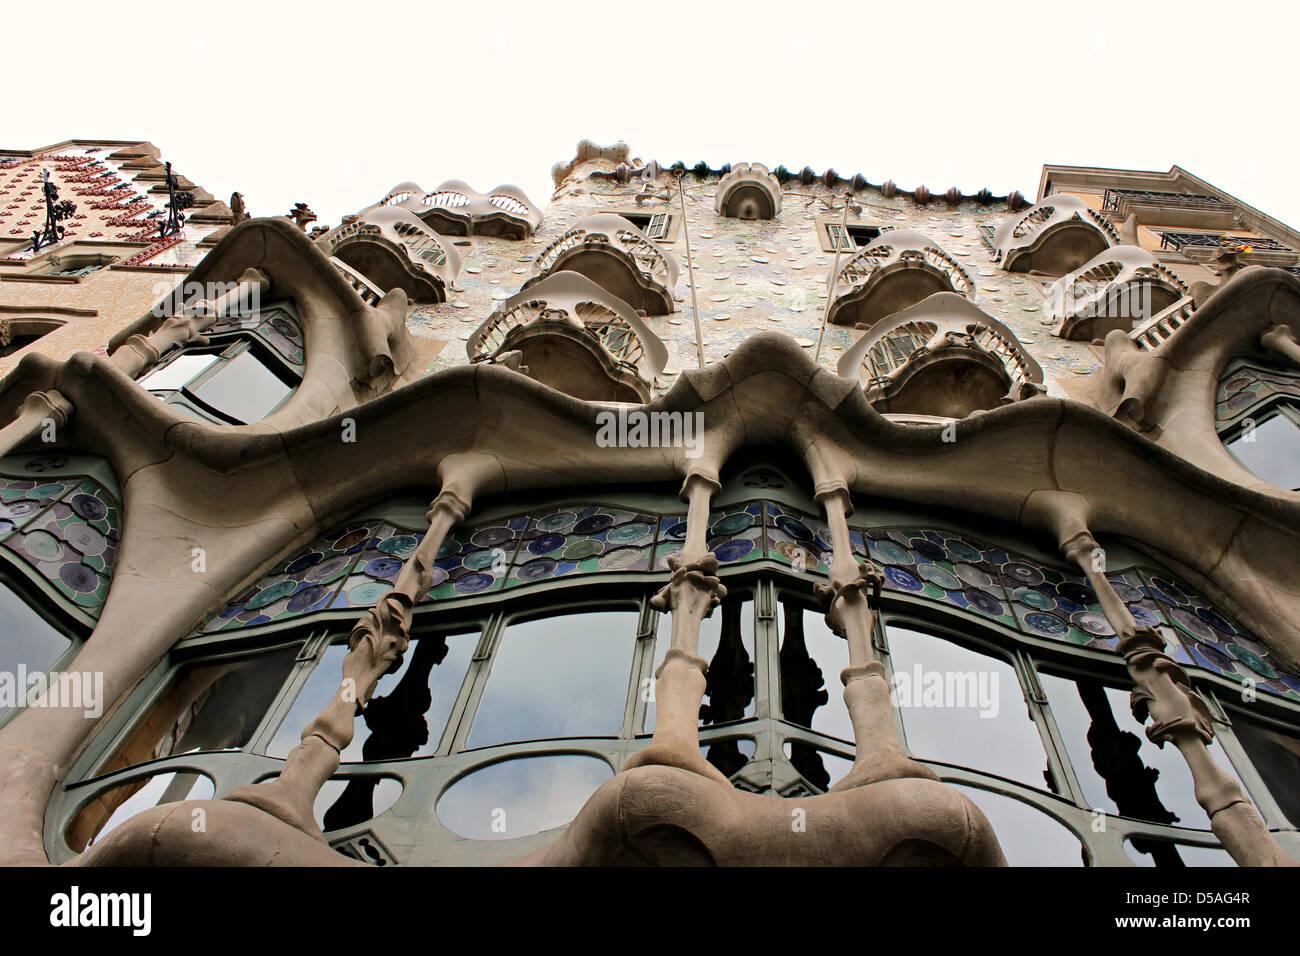 Actualment, l'spectacular Façana are una icona reference to Barcelona. L'anomenada 'Illa de la - Stock Image